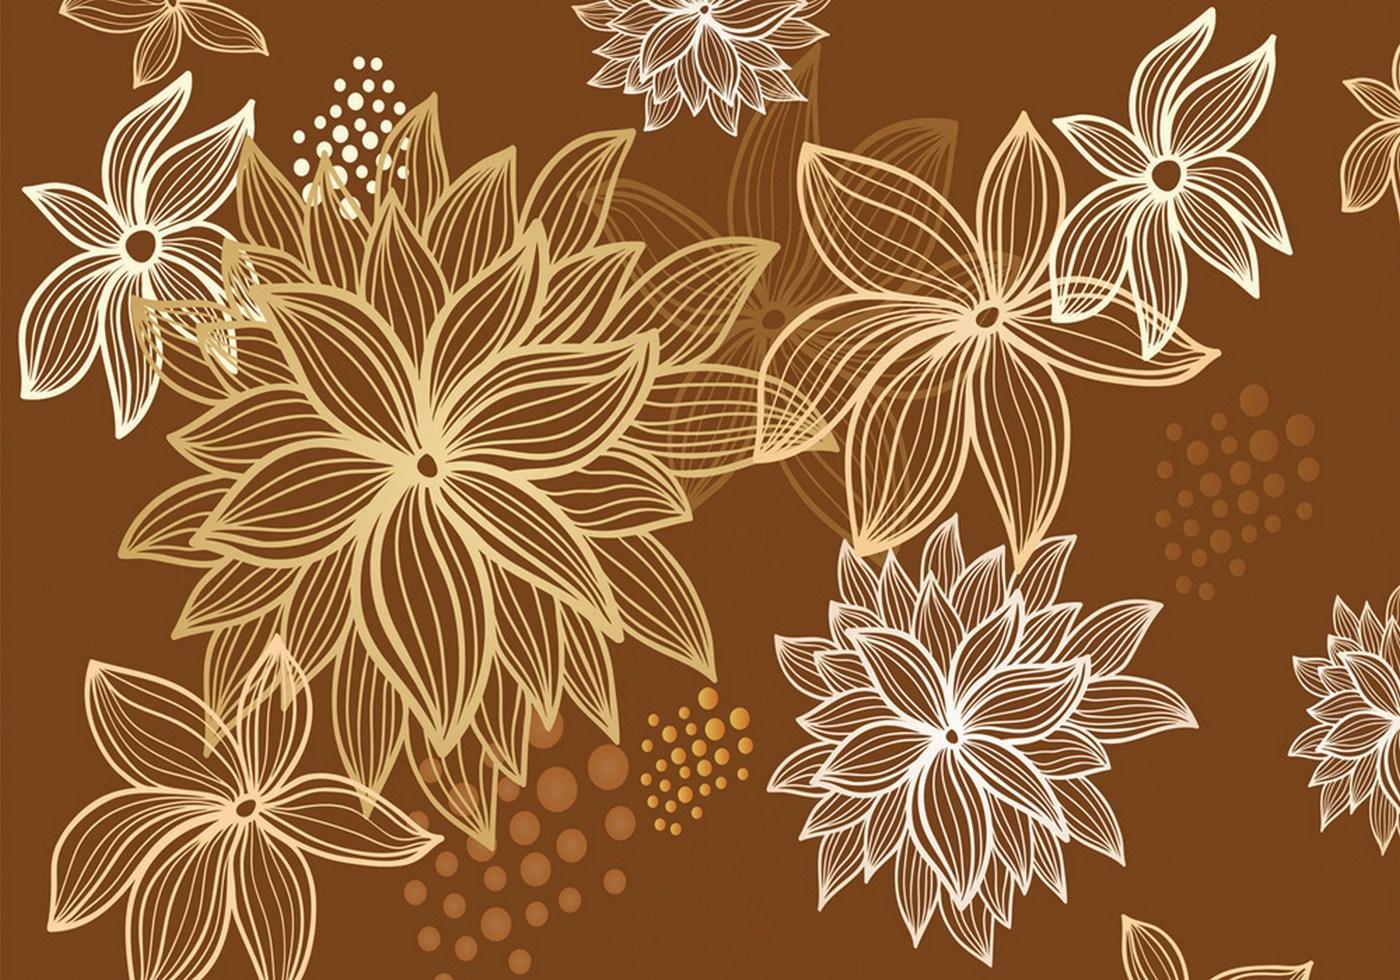 Vlies Fototapete 1108   Illustrationen Tapete Abstrakt Blüten Weiß Braun